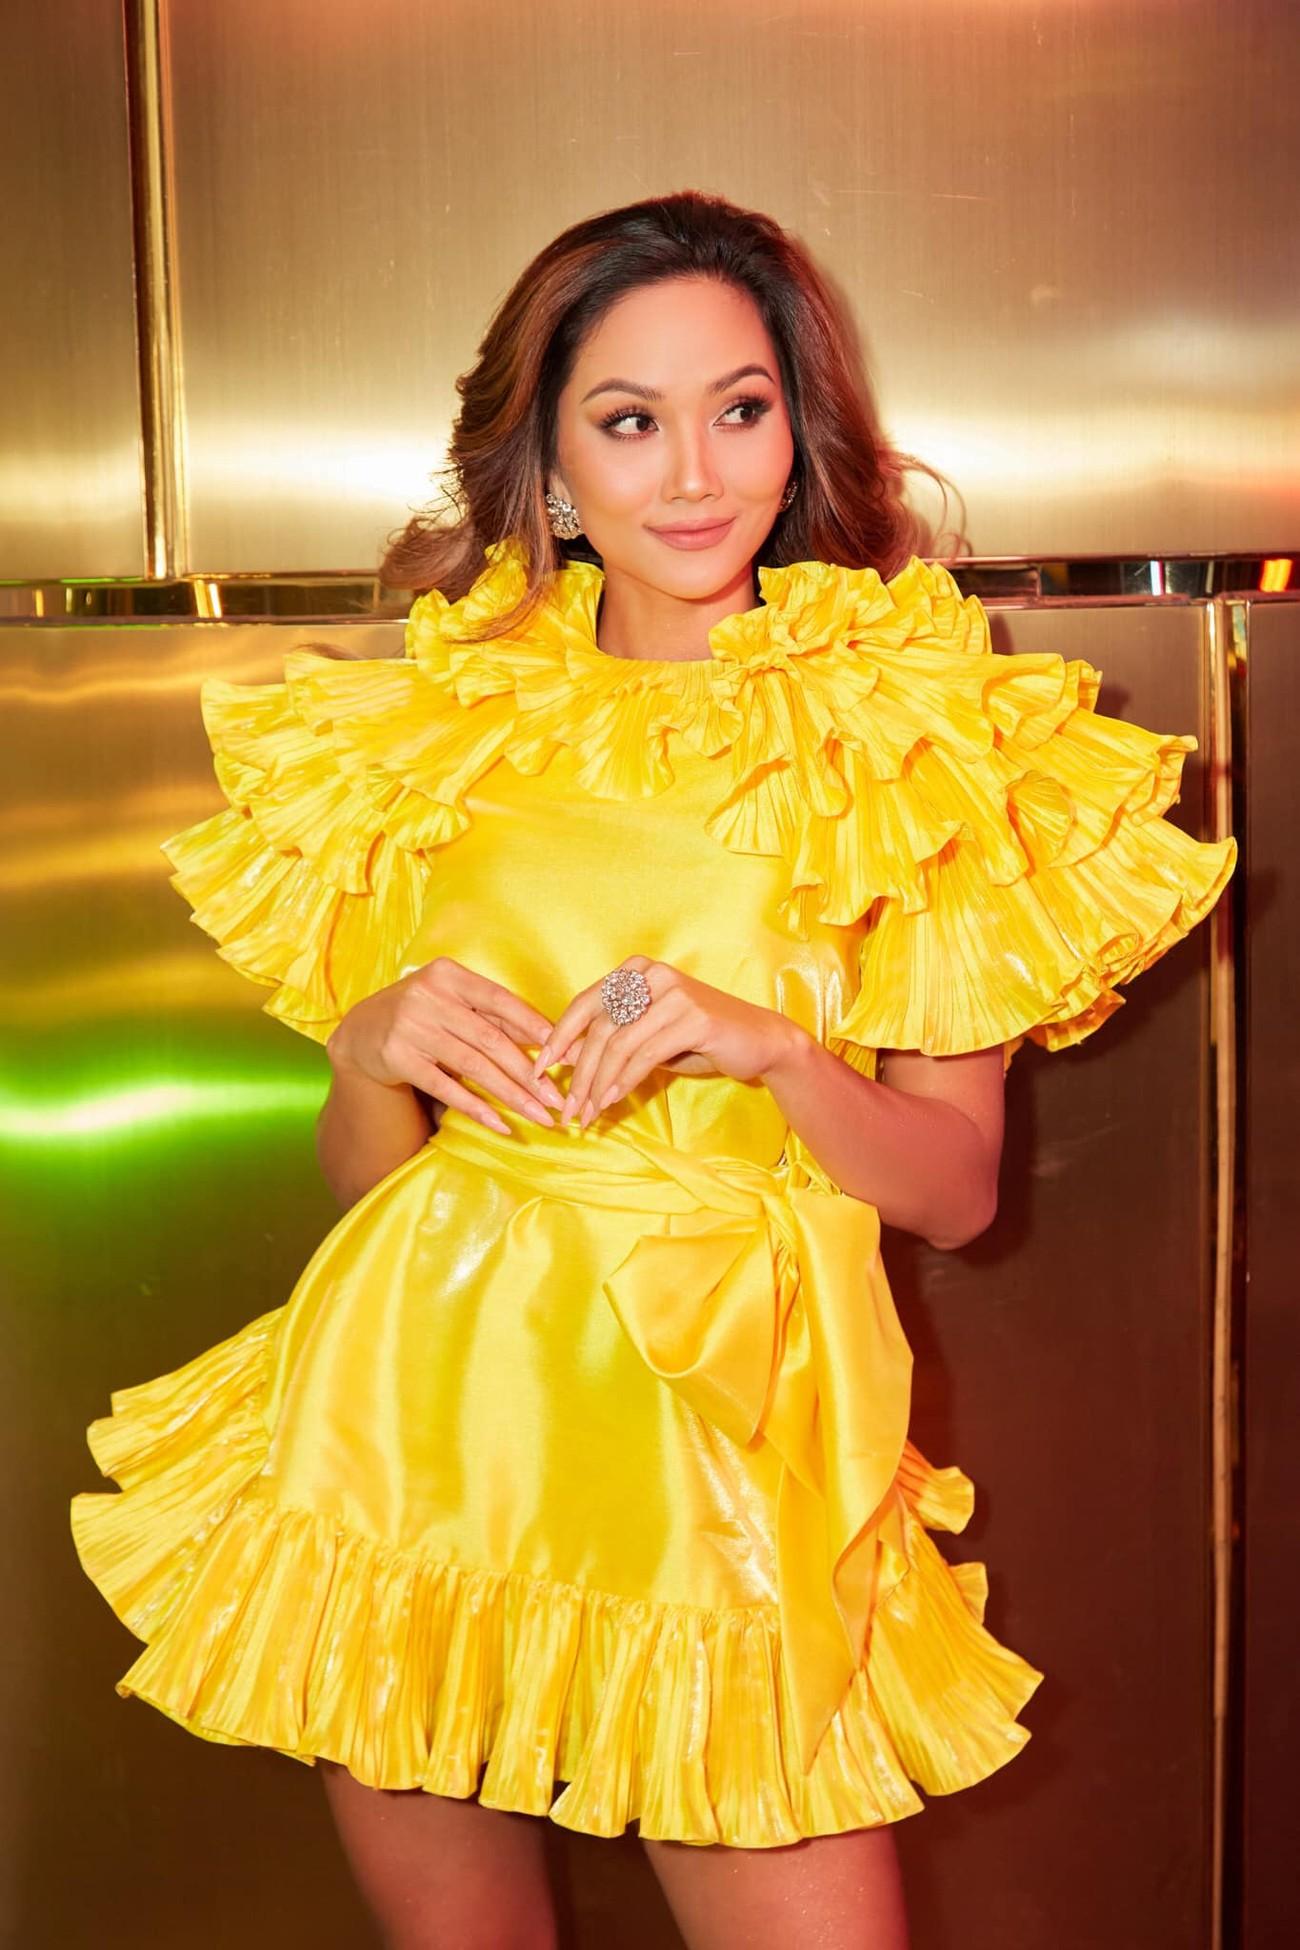 Diện lại sắc vàng từng 'gây bão' ở Miss Universe, H'Hen Niê đẹp rạng rỡ như một đóa hồng ảnh 3